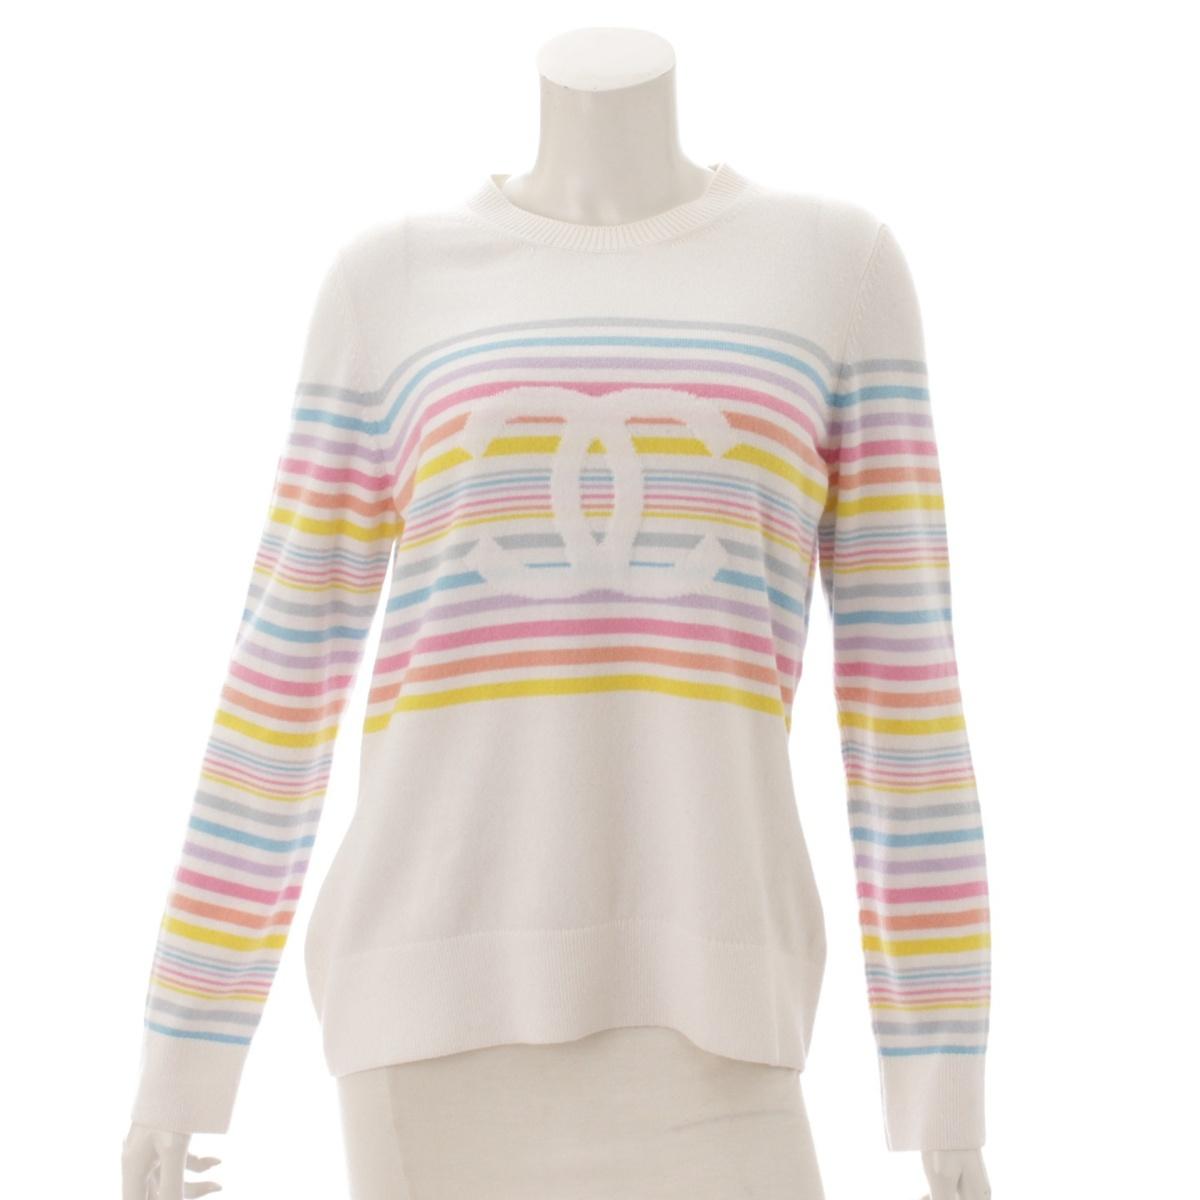 【シャネル】Chanel 19C カシミヤ レインボー ニット セーター P60508 マルチカラー 42 未使用【中古】【鑑定済・正規品保証】54030